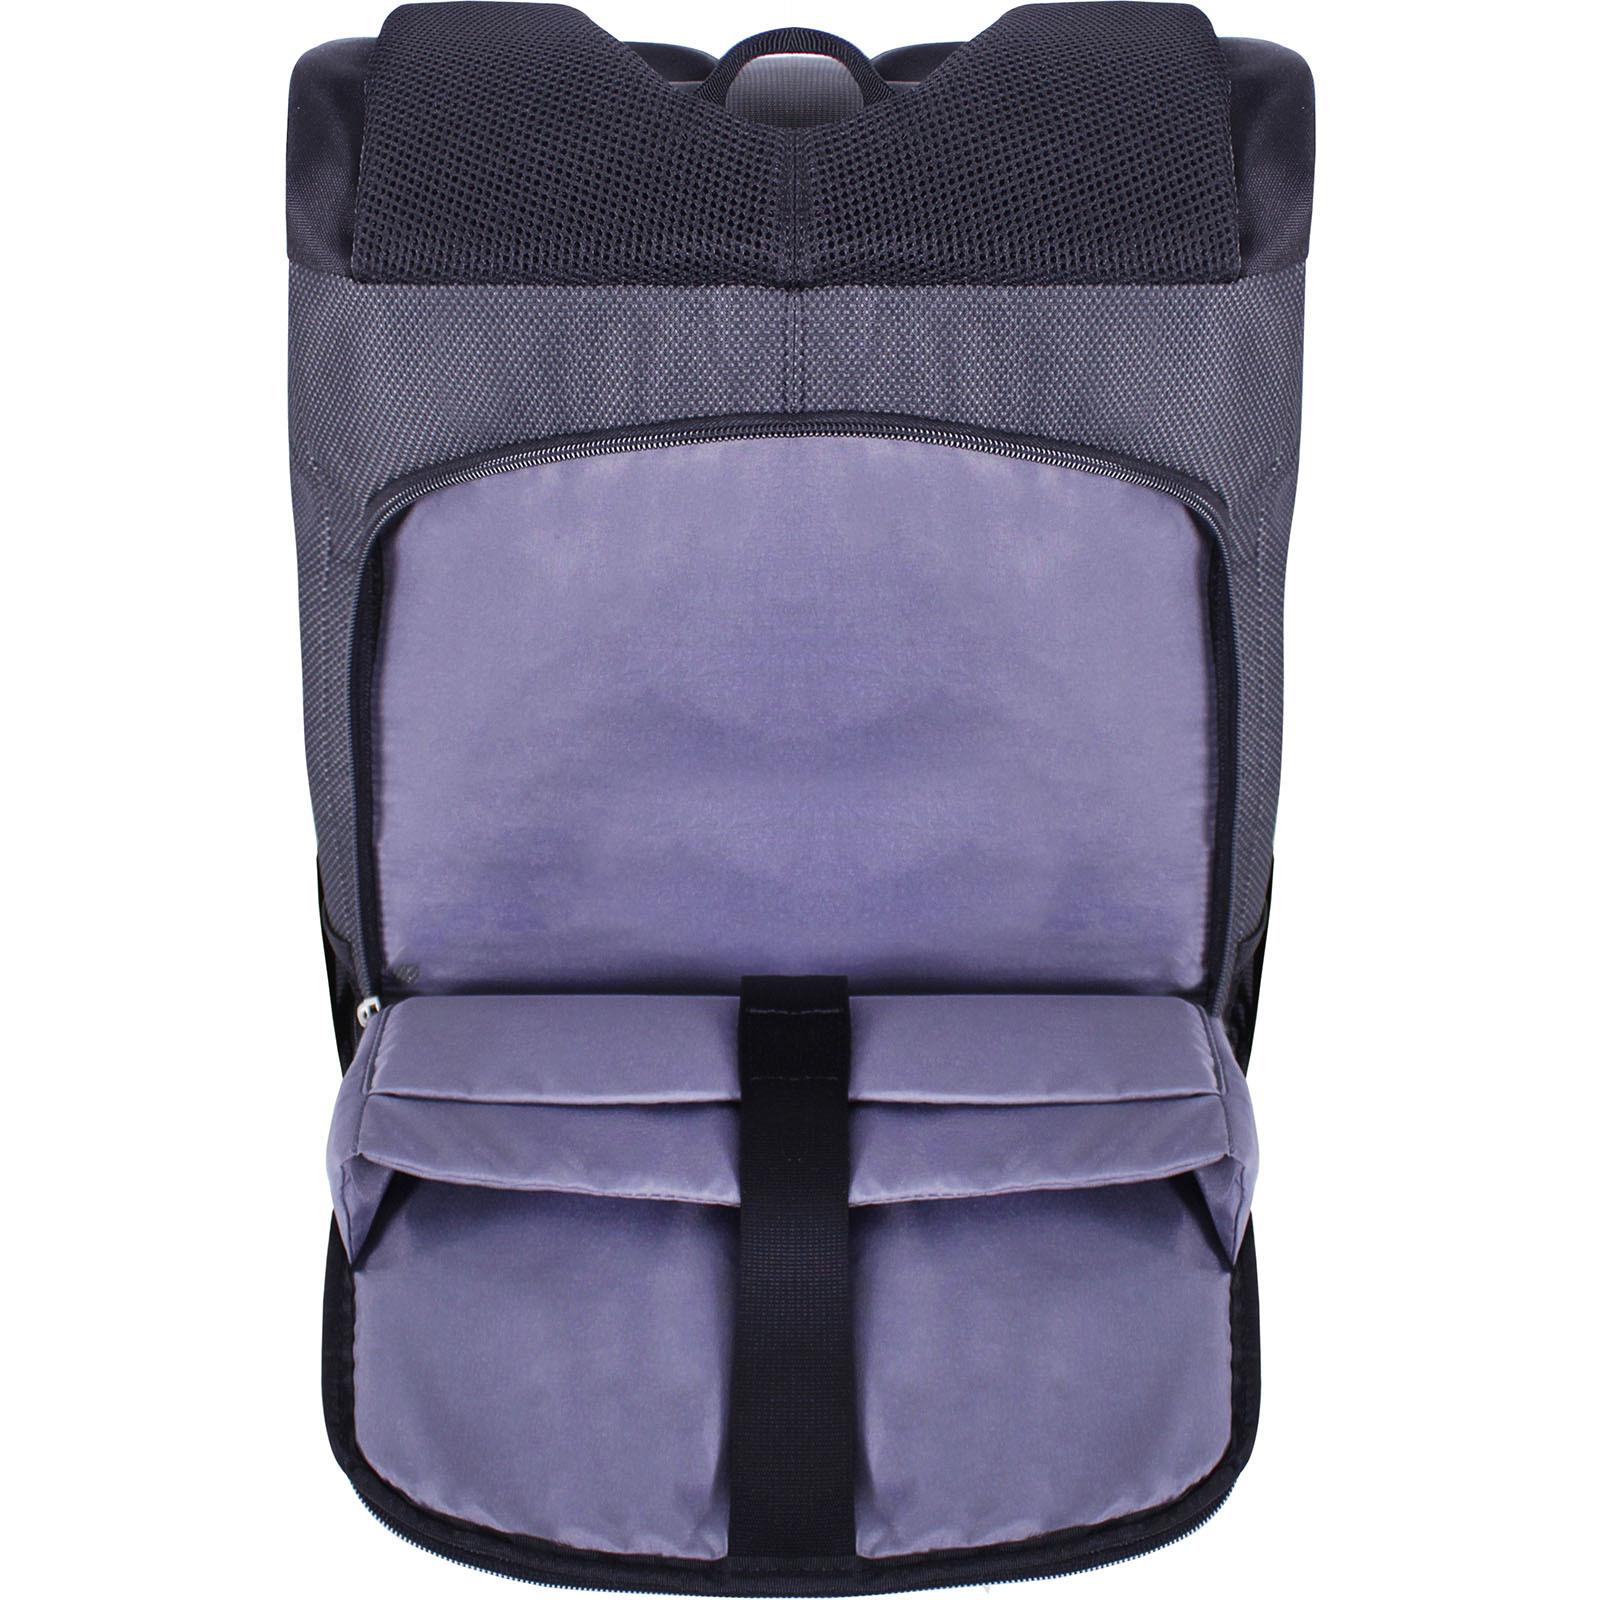 Рюкзак для ноутбука Bagland Roll 21 л. Чёрный (00156169) фото 8